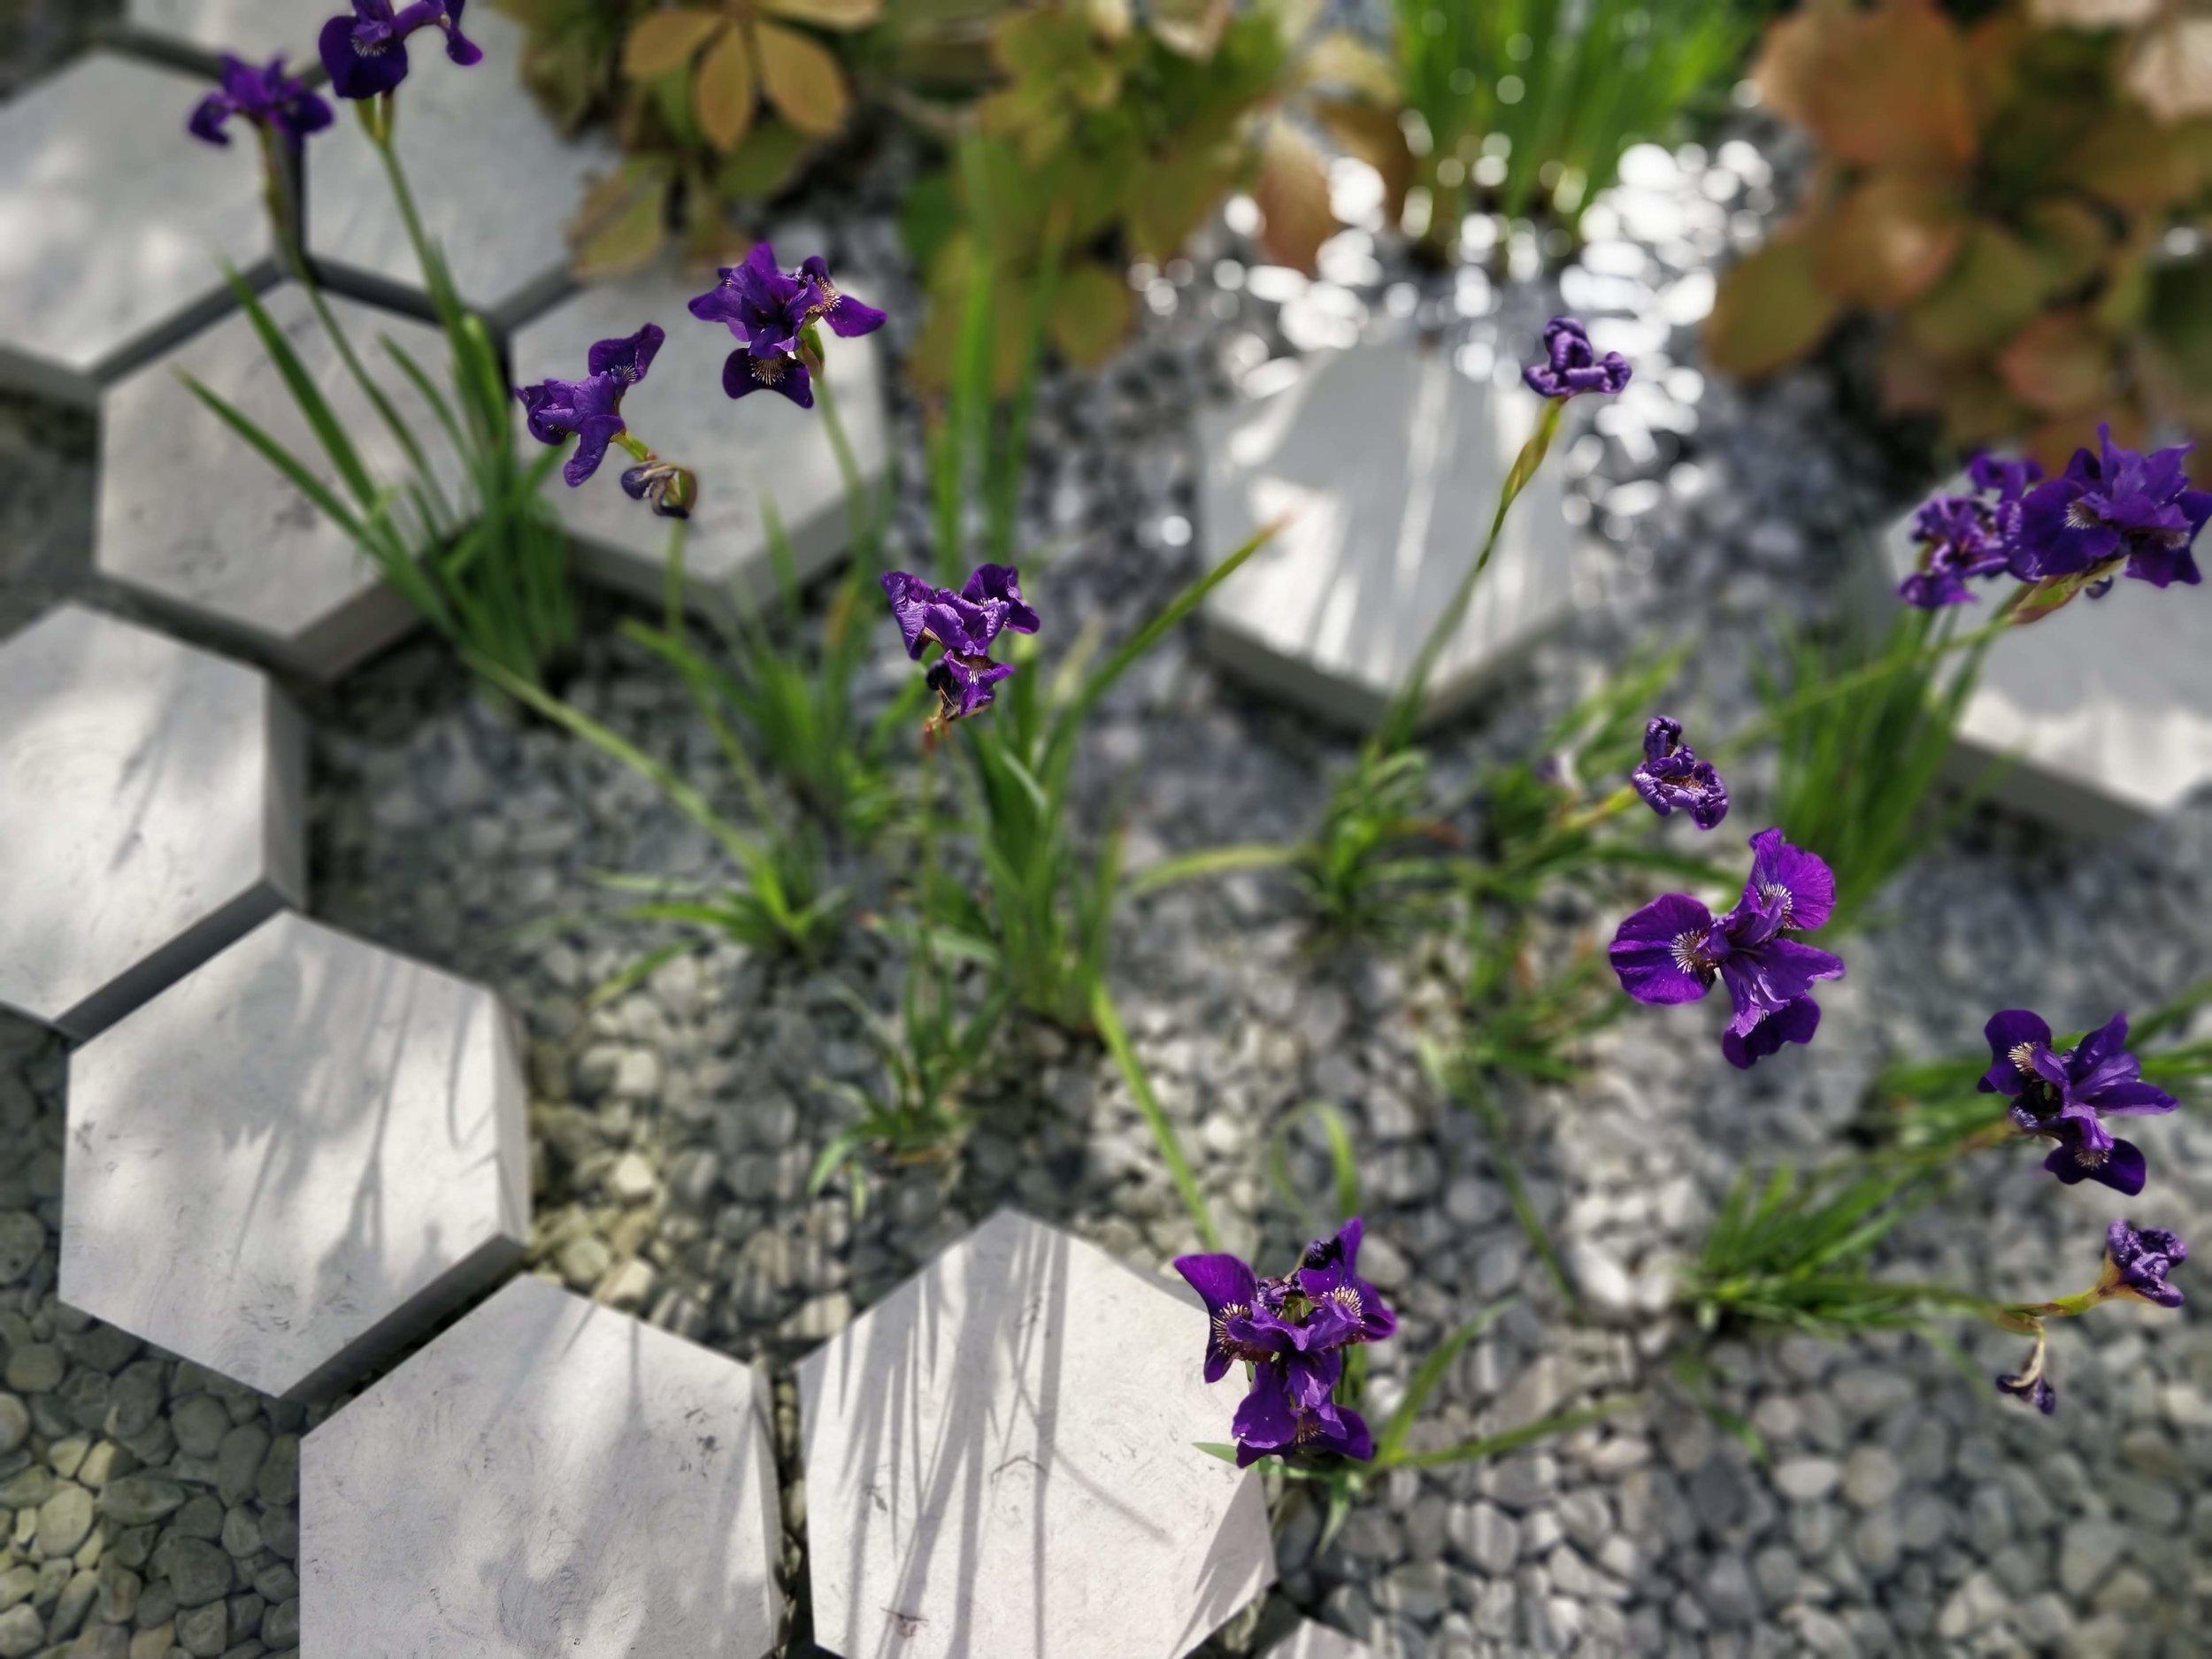 Irisesthemanchestergarden.jpg